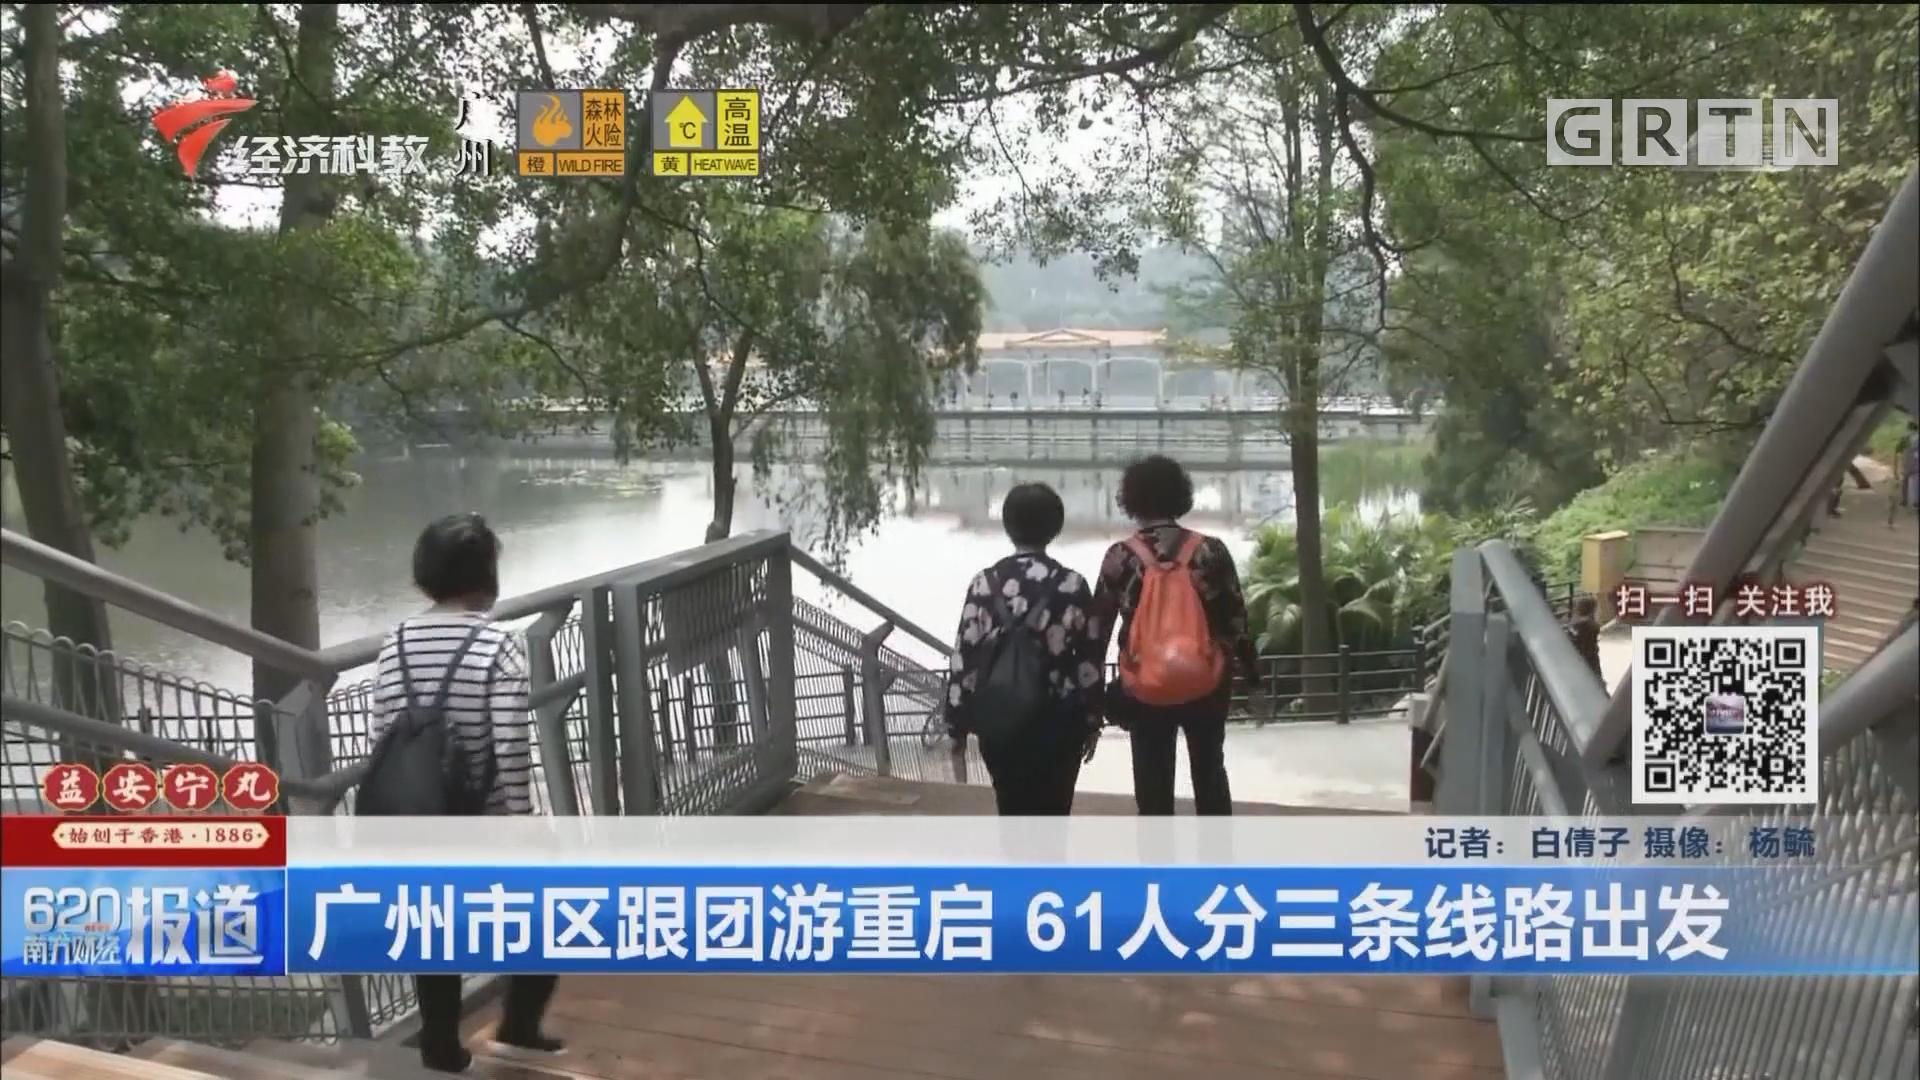 廣州市區跟團游重啟 61人分三條線路出發